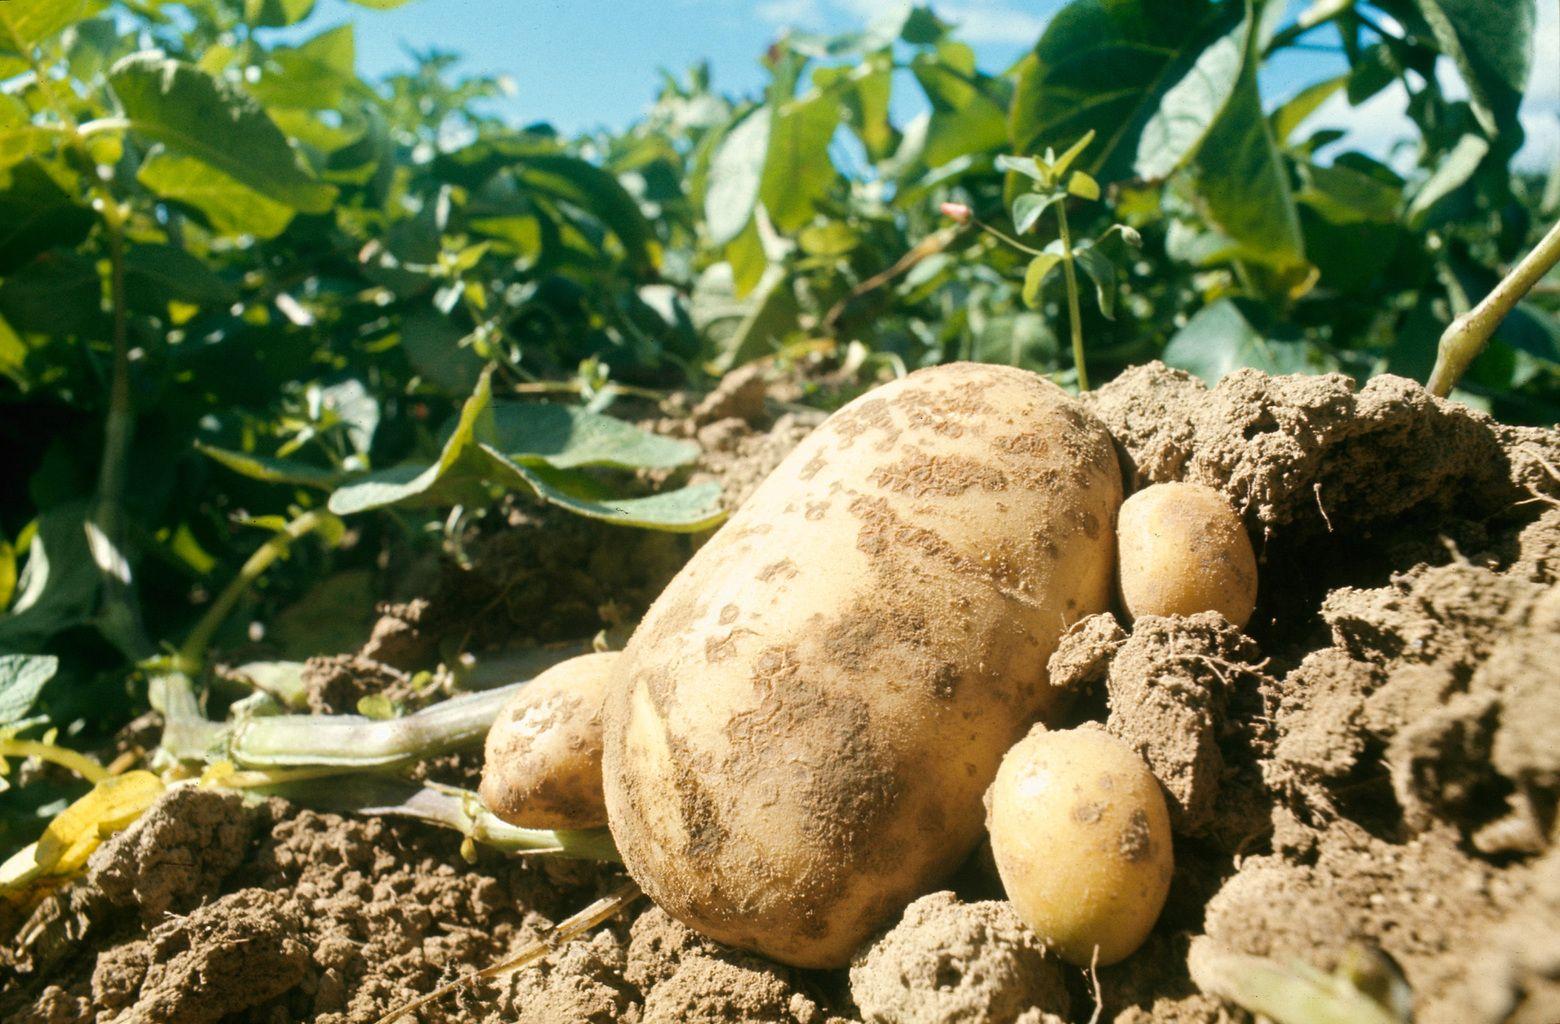 Картофель «голубизна» — описание, характеристика и особенности выращивания сорта